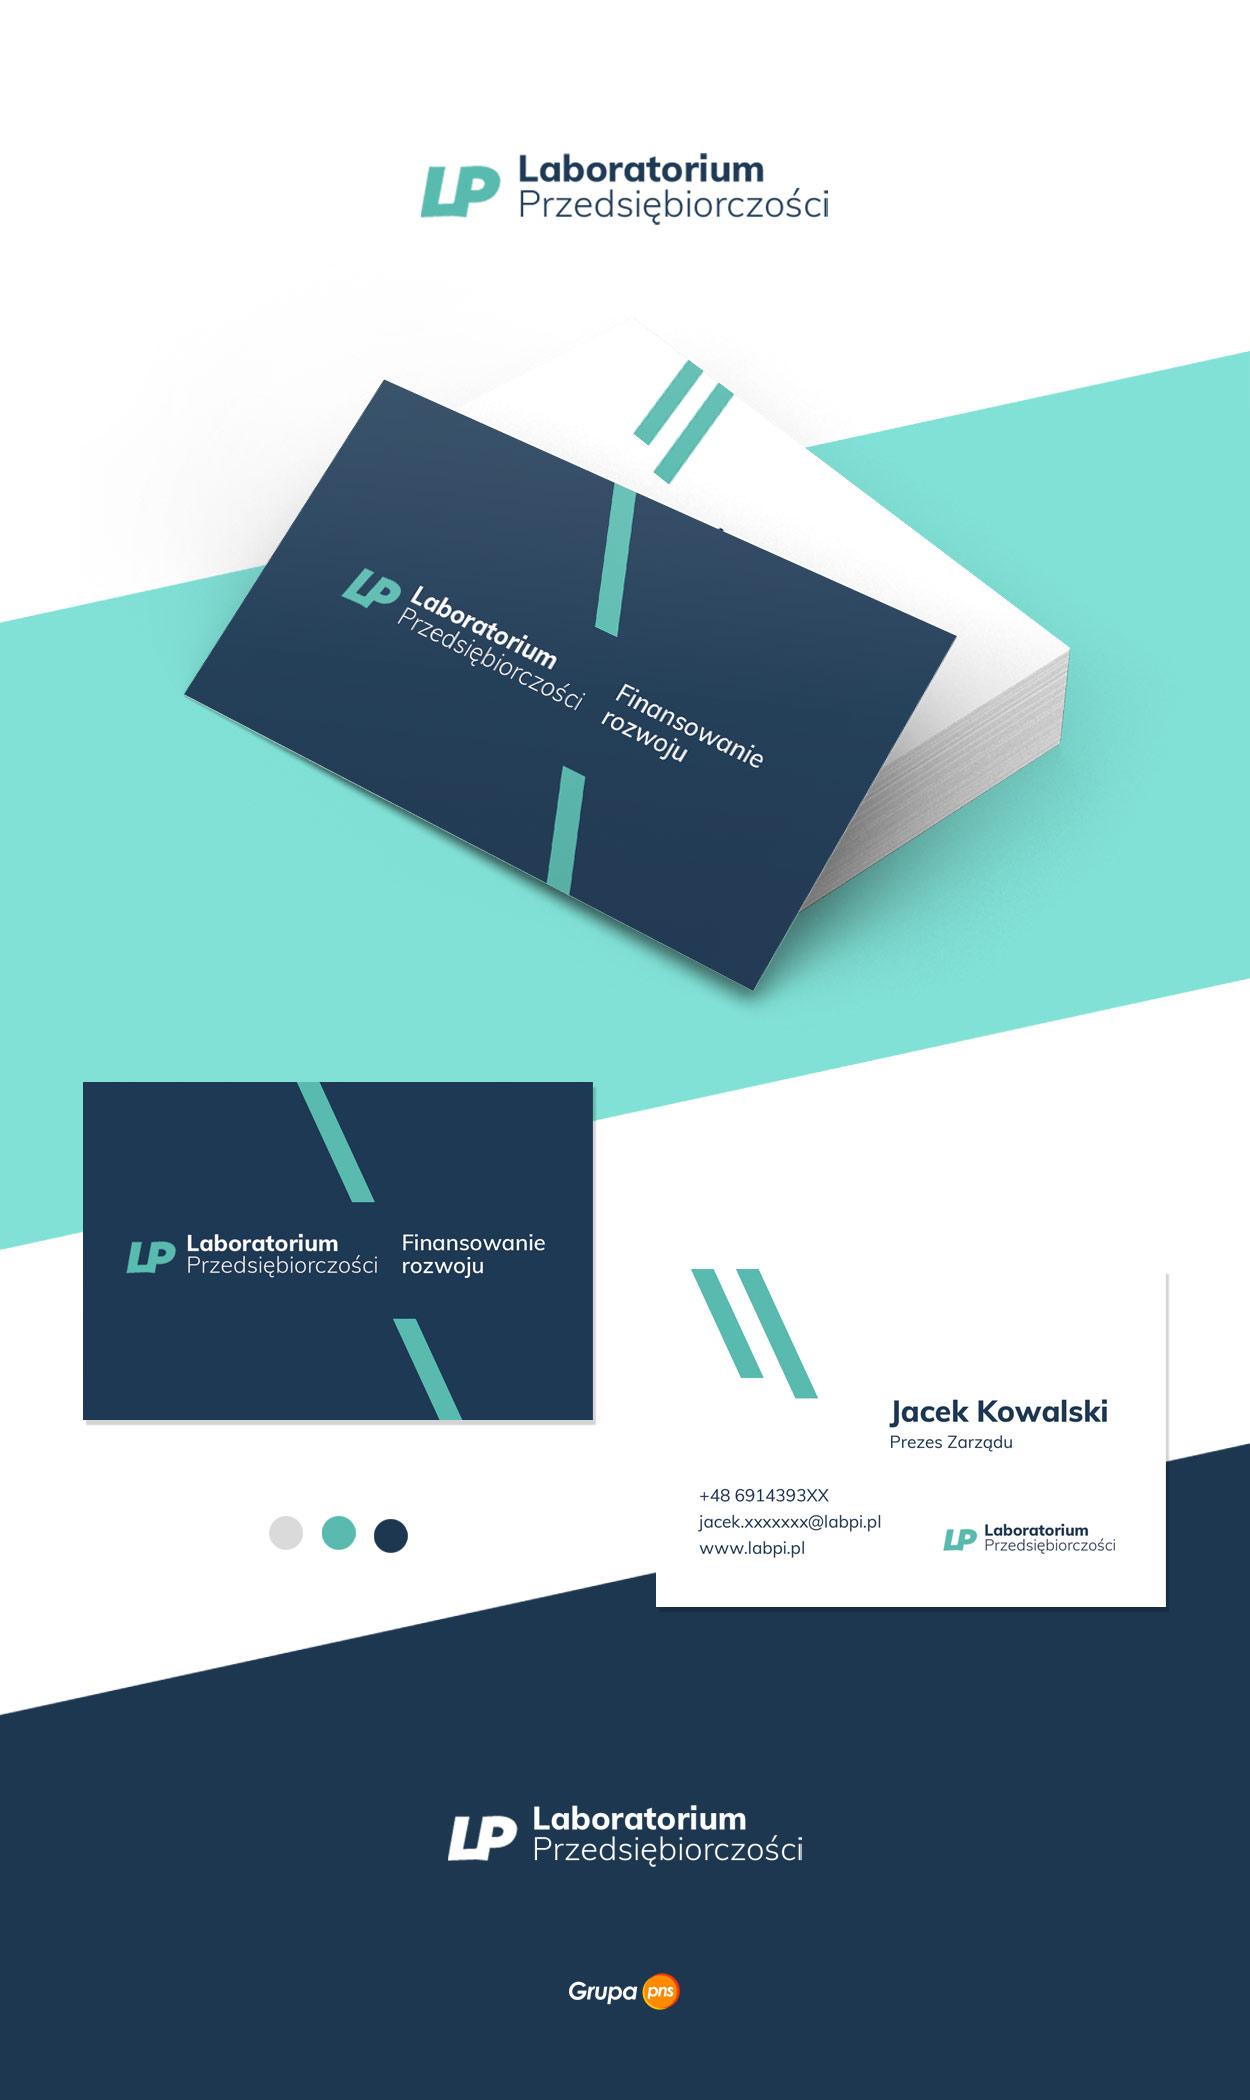 projekt-wizytowki-dla-firmy-laboratorium-przedsiebiorczosci